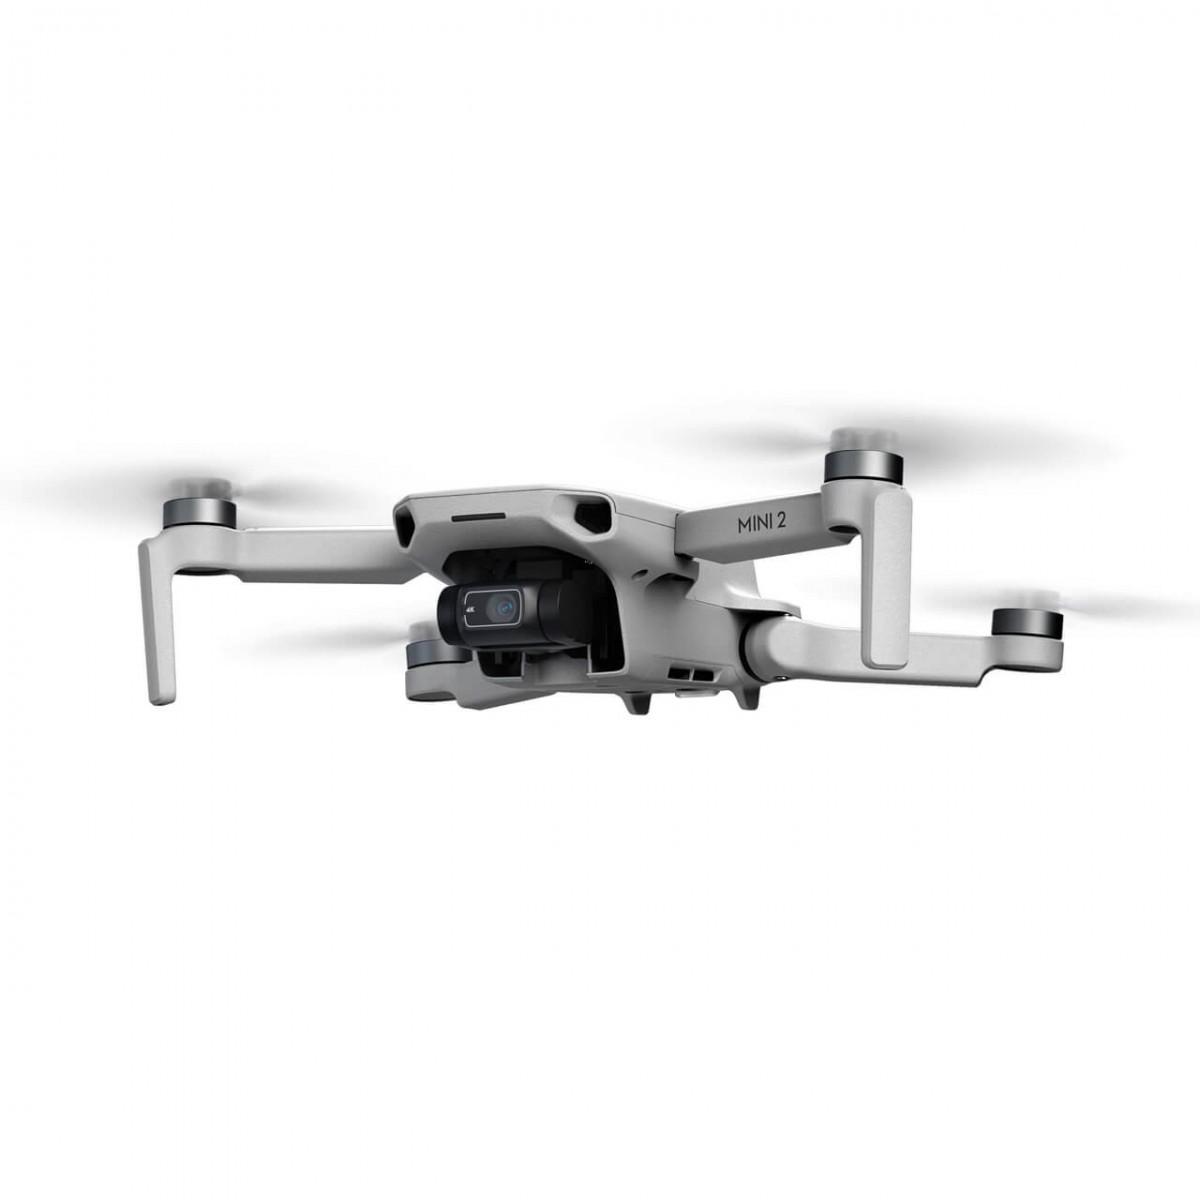 Welche Drohne ist gut und günstig?